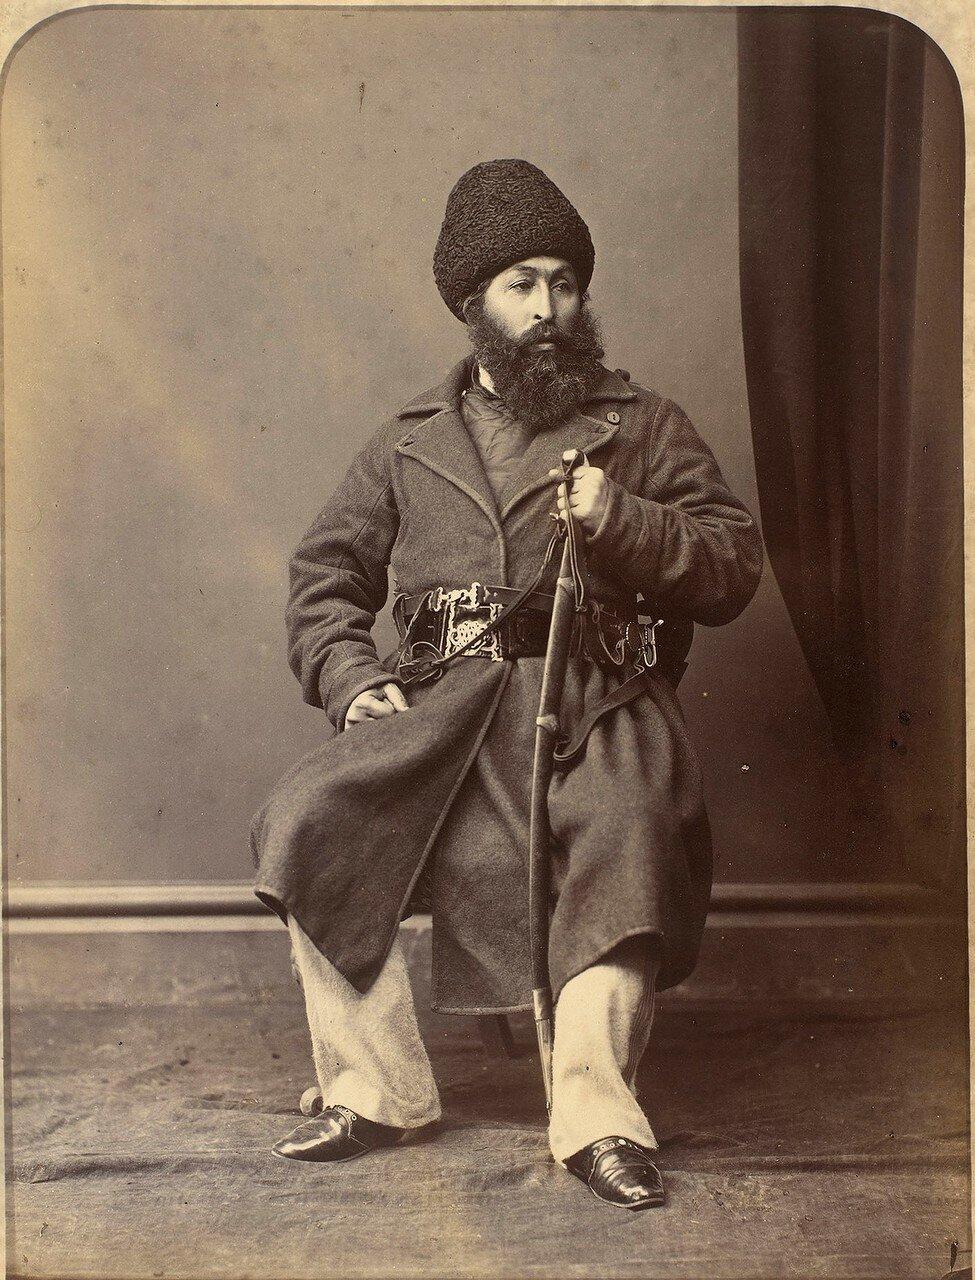 Шер Али-хан, эмир Афганистана (1825-1879) 1869